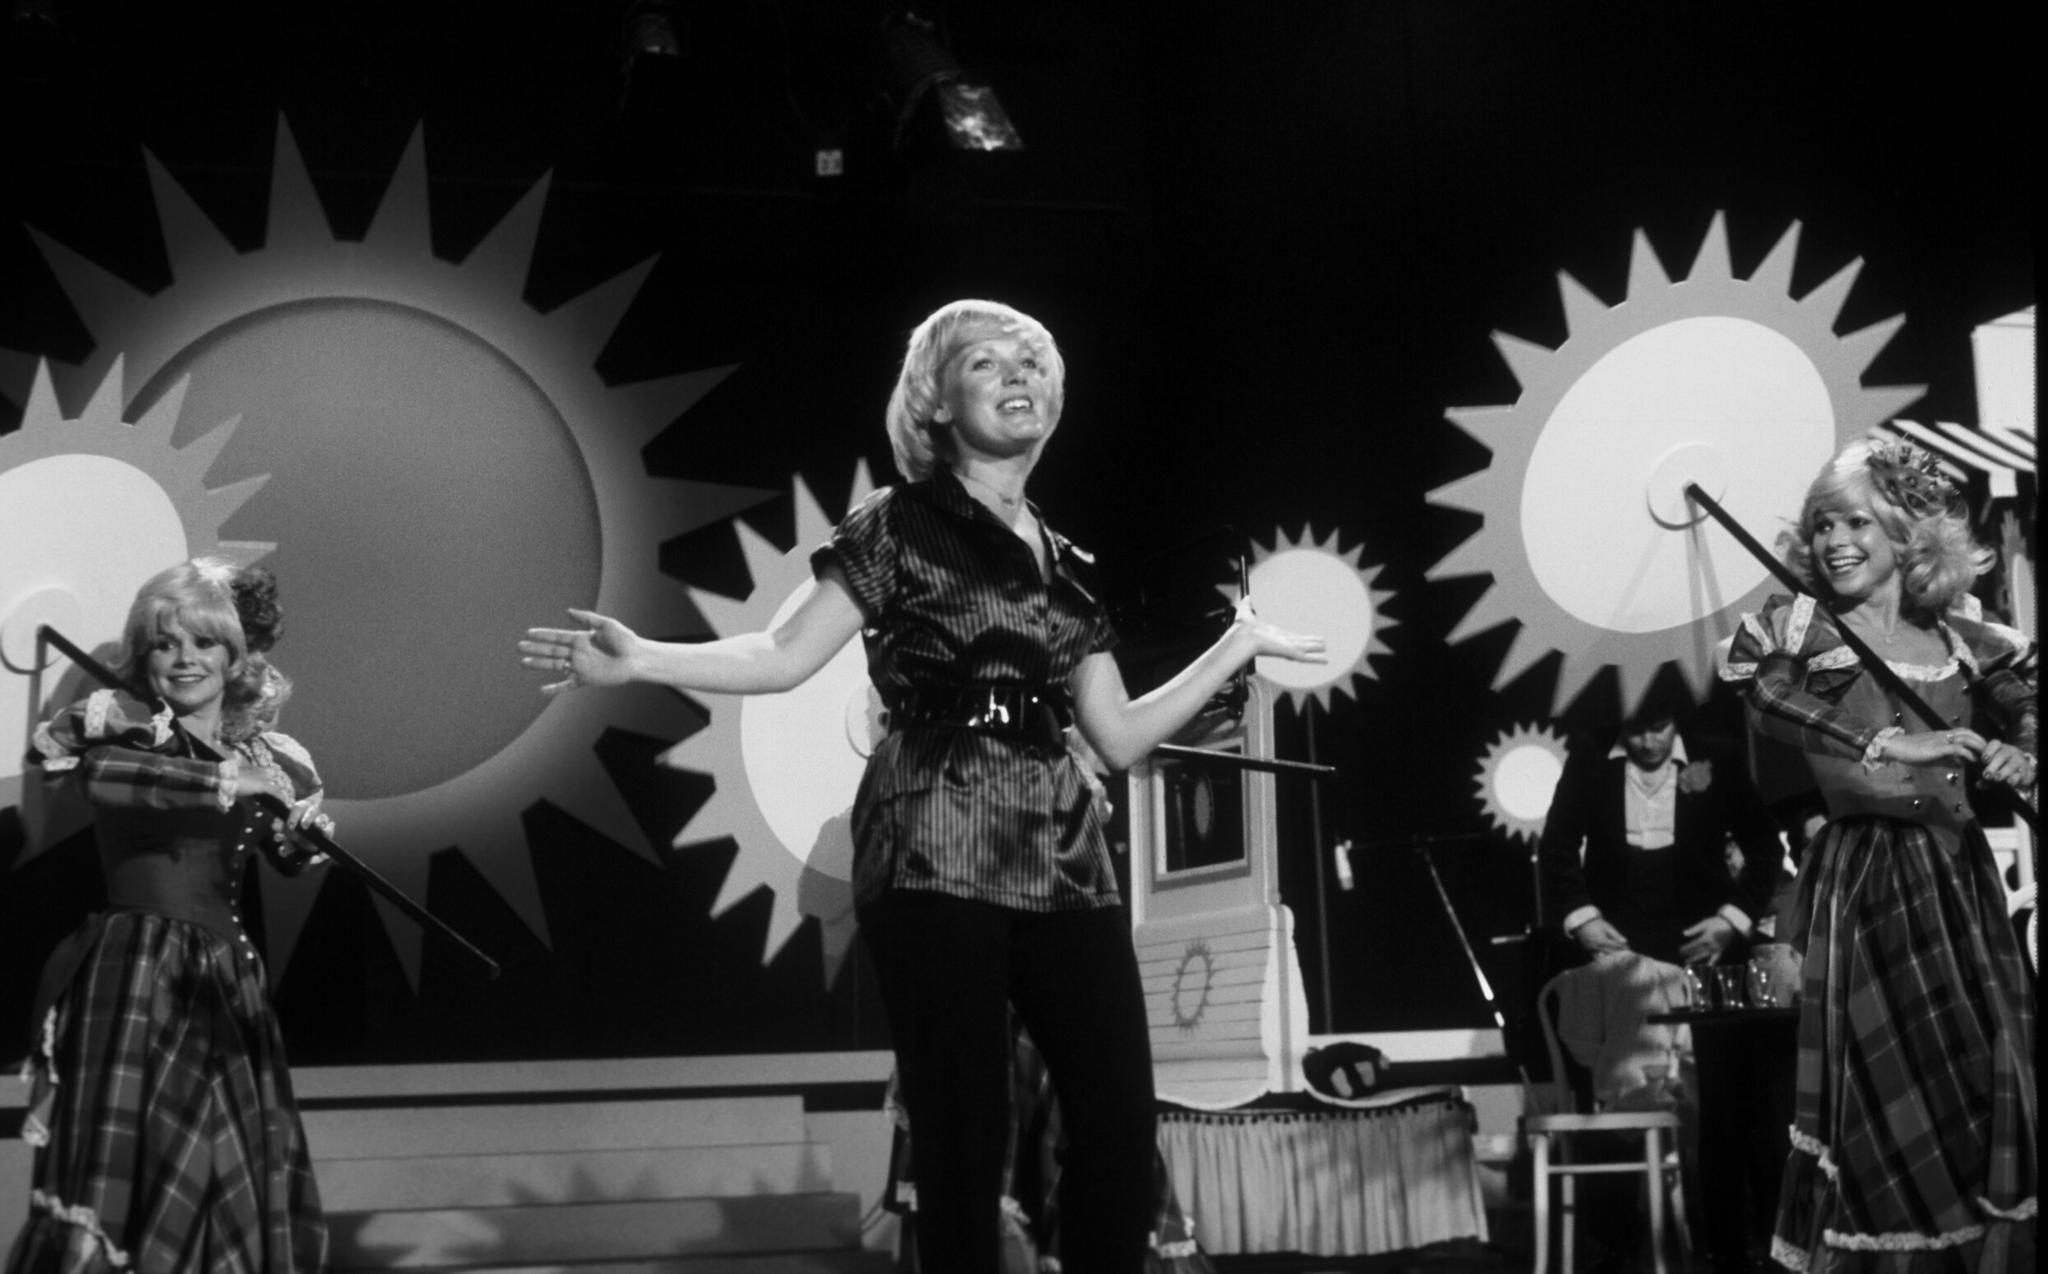 Große Trauer umUlla Norden. Die beliebte WDR 4-Moderatorin und Schlägersängerin ist tot. Die 77-Jährige starb am 5. März in einem Krankenhaus in Bad Neuenahr.  Ulla Norden arbeitete fast zwei Jahrzehnte als Moderatorin beiWDR4 und führte so unter anderem durch die 'Morgenmelodie' oder den 'Musikpavillion'. In den 60er Jahren kam dann der Durchbruch als Schlägersängerin und Hits wie 'Ich bin verliebt in den eigenen Mann' und 'Heimat, deine Sterne'.